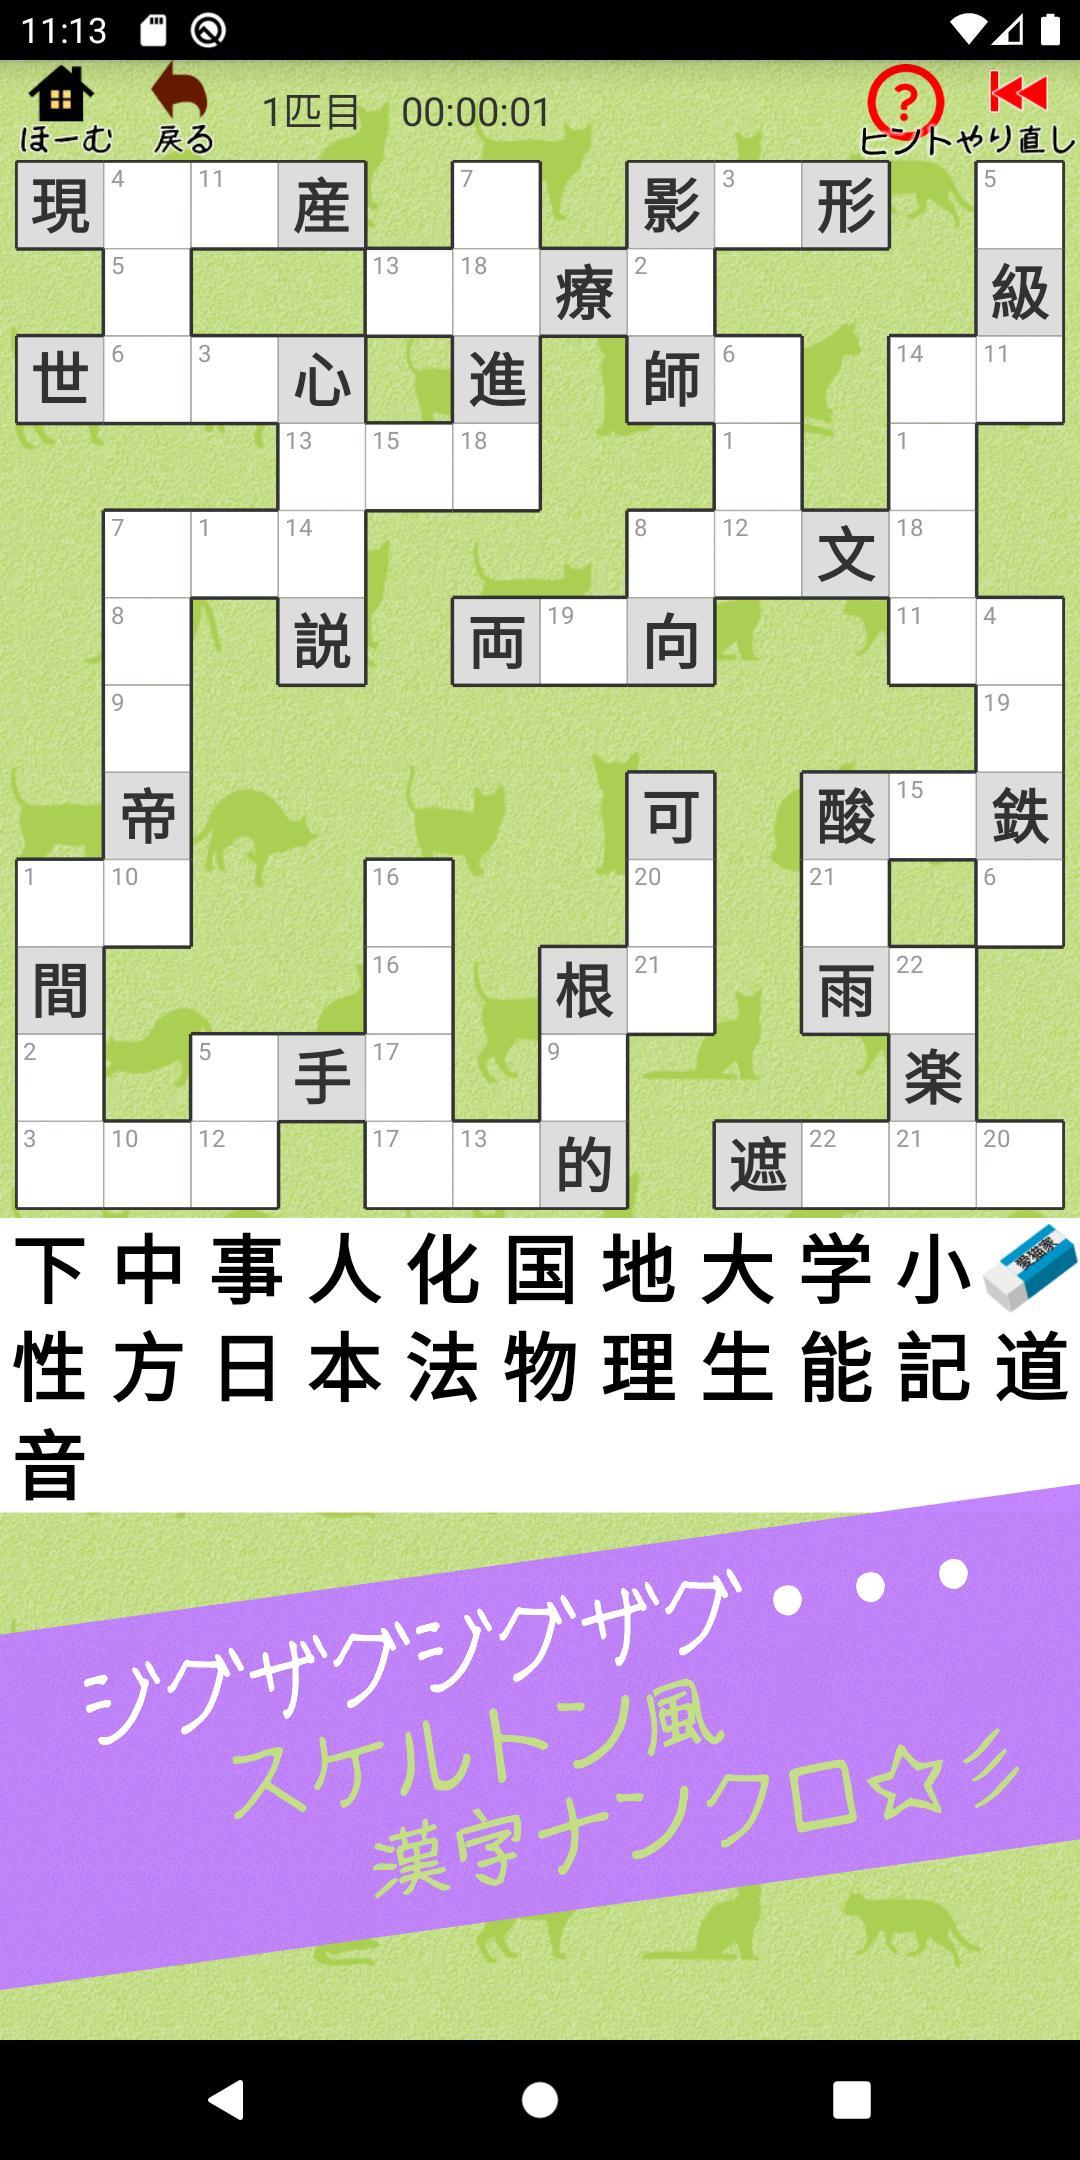 漢字 ナンクロ 猫 答え